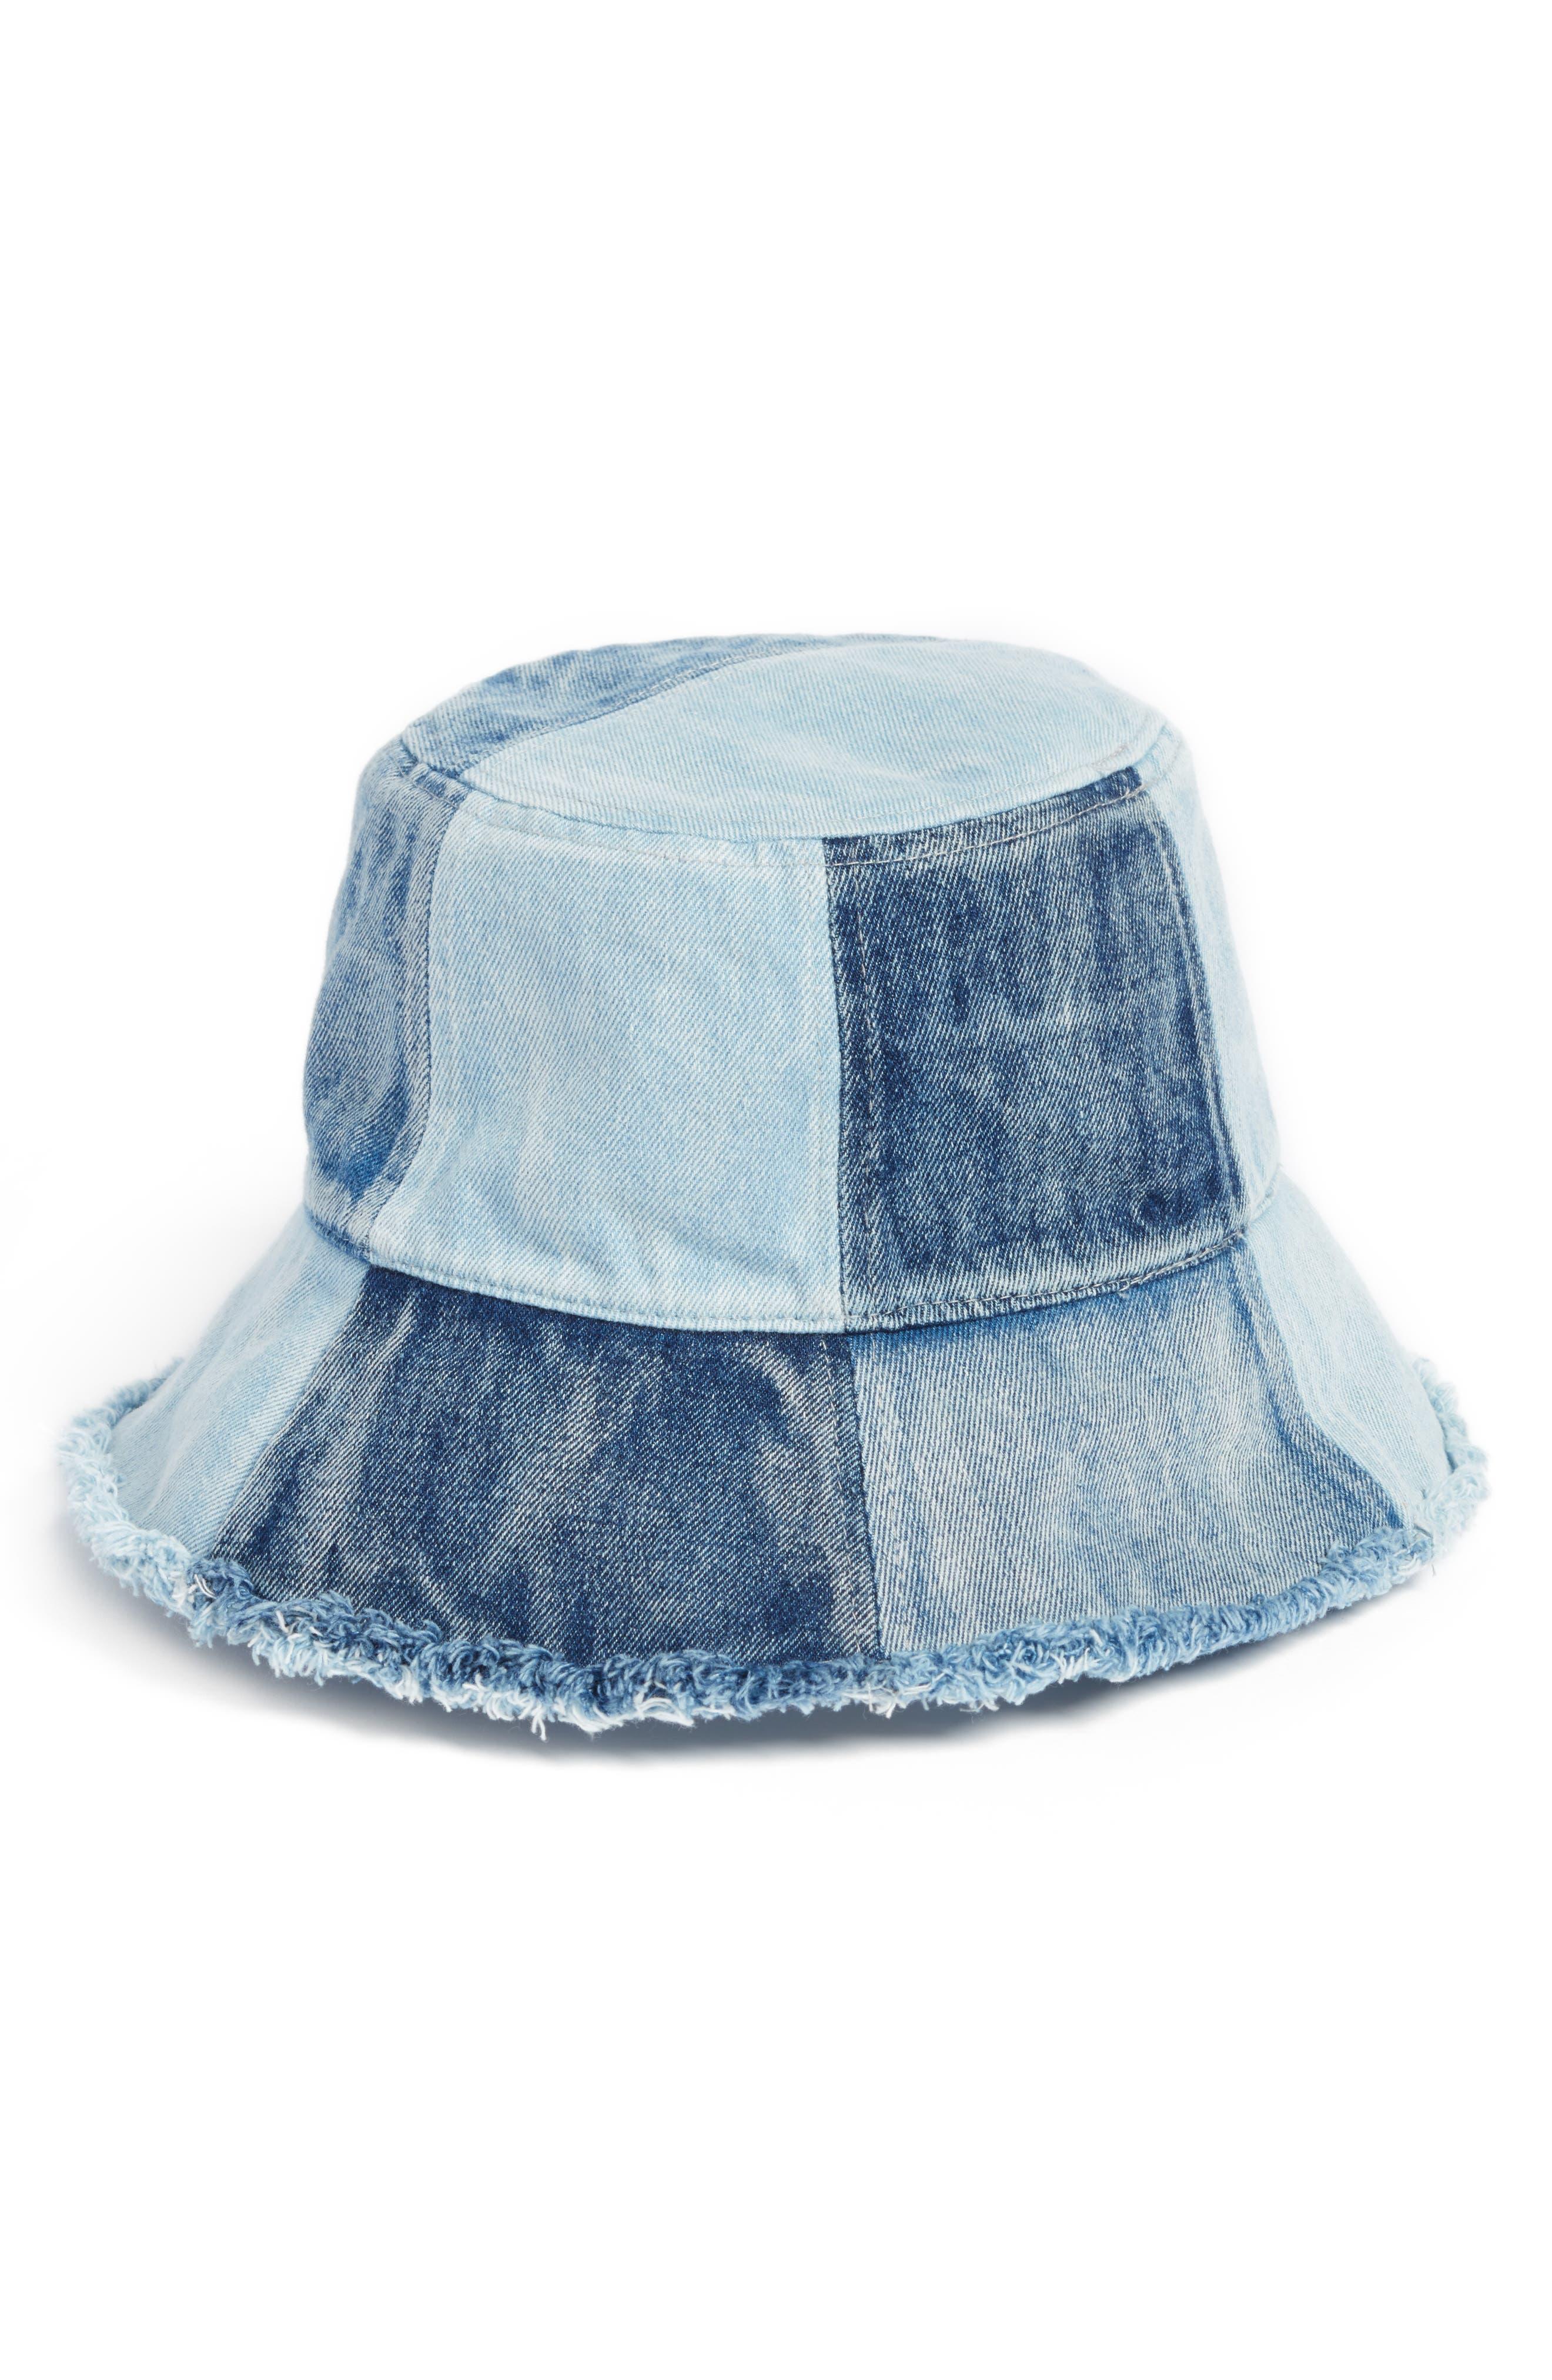 Patched Denim Bucket Hat,                             Main thumbnail 1, color,                             Denim